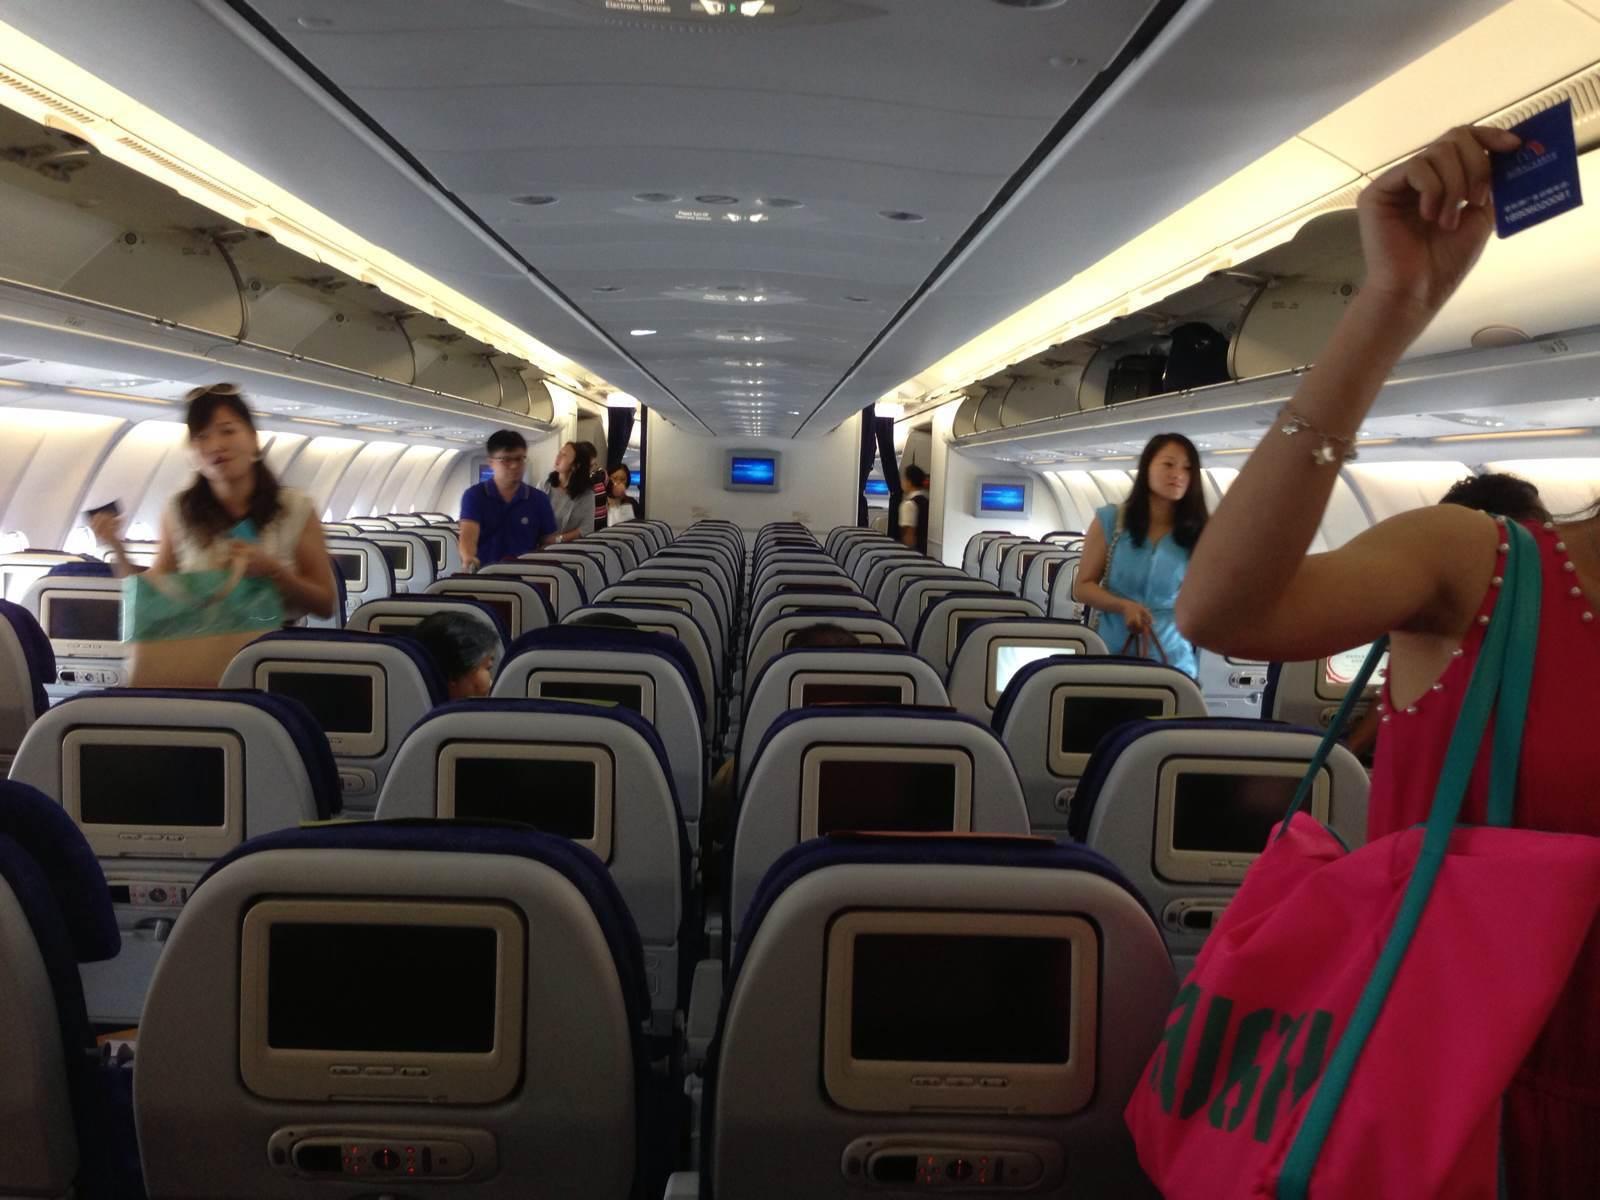 我在厦门高崎机场准备乘坐xh262航班到香港转机前往thailand(泰国)